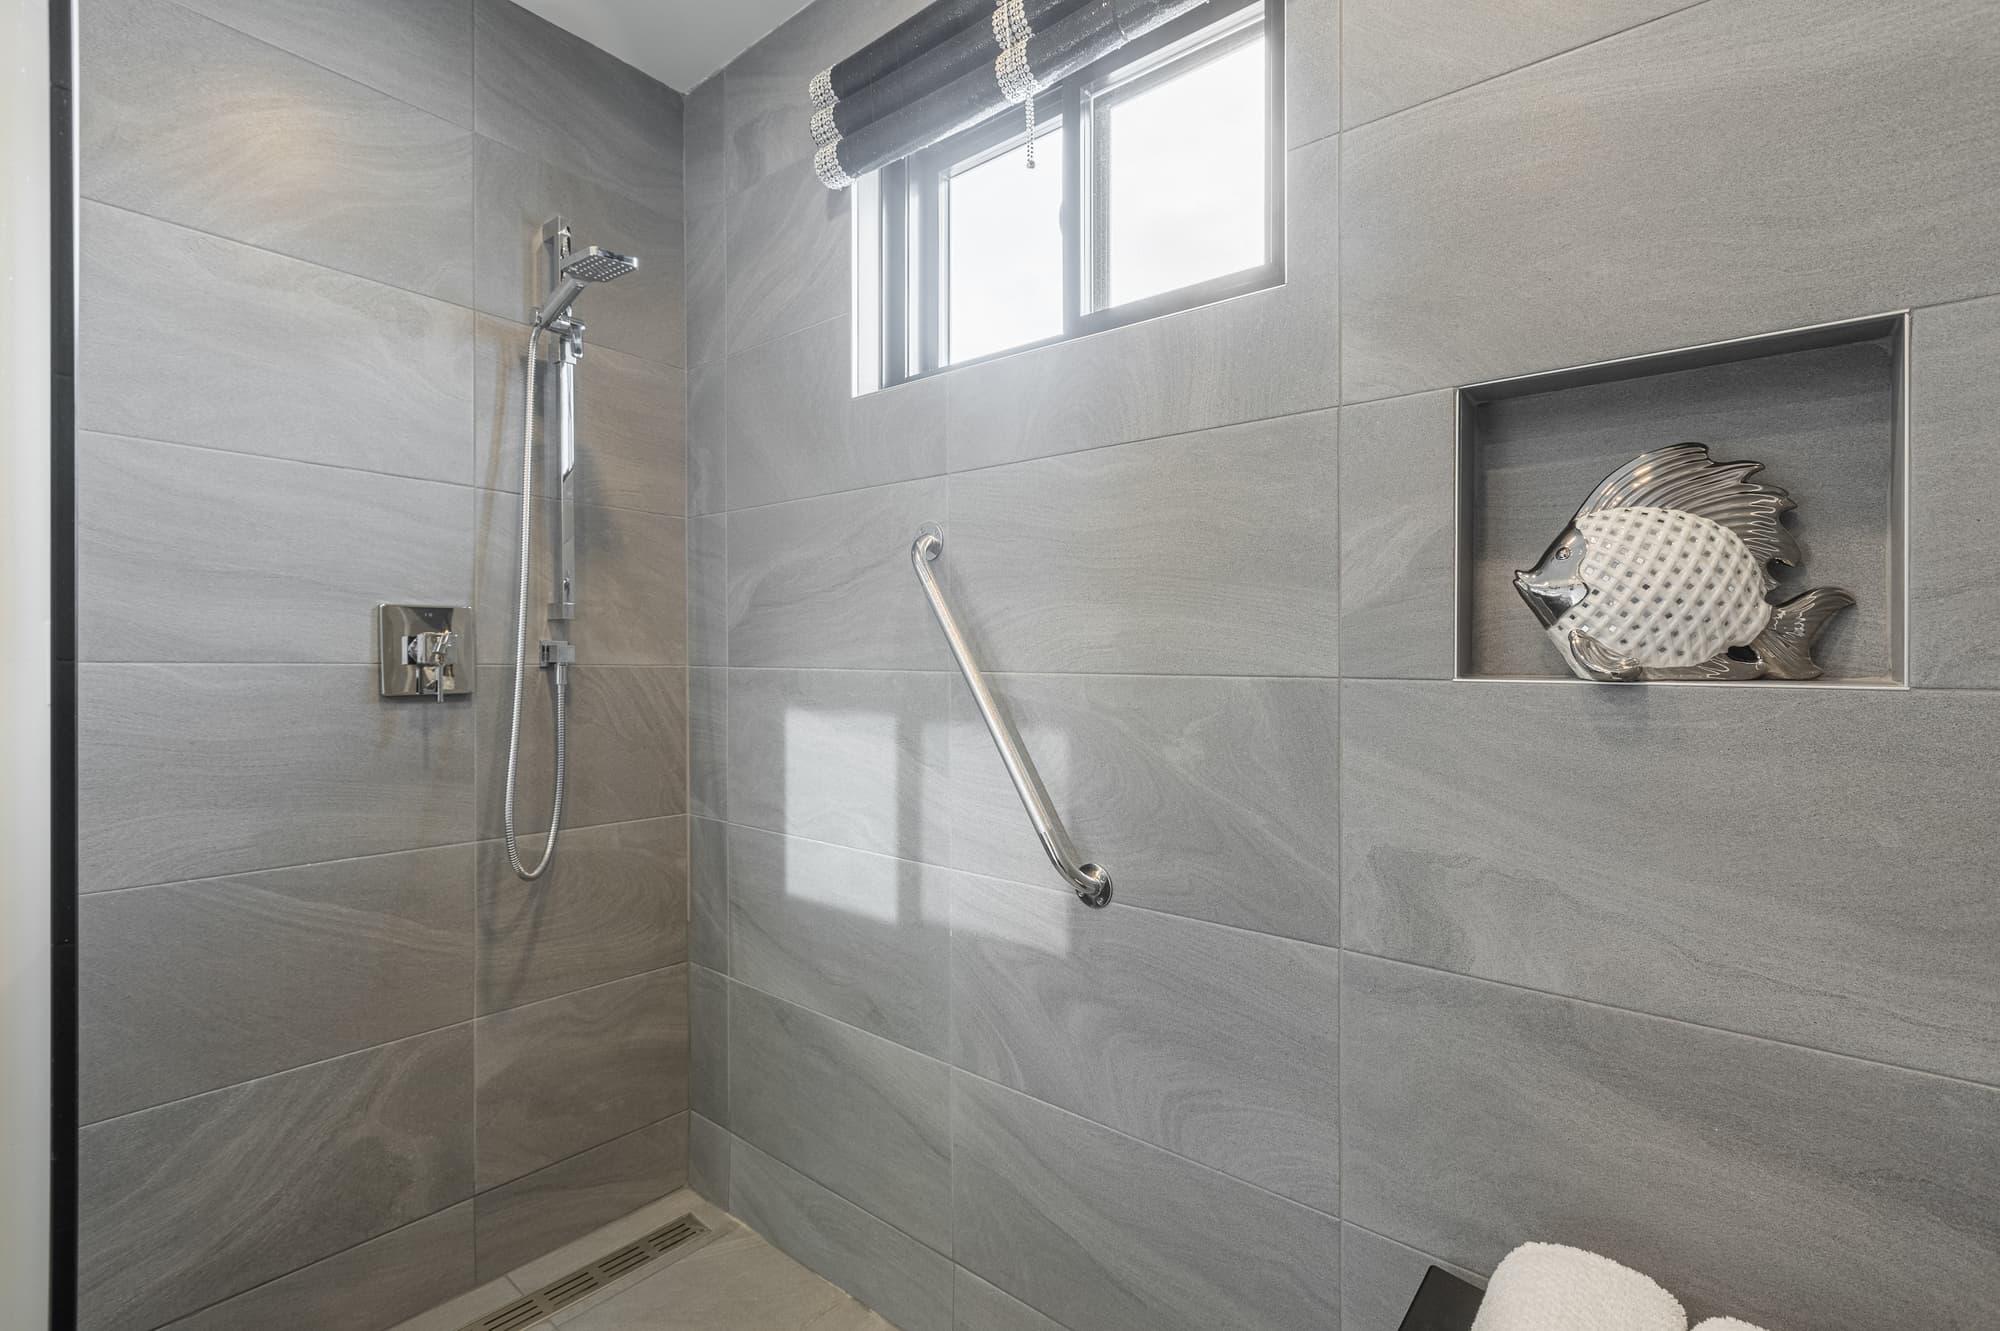 douche italienne adaptée avec barres pour personnes âgées